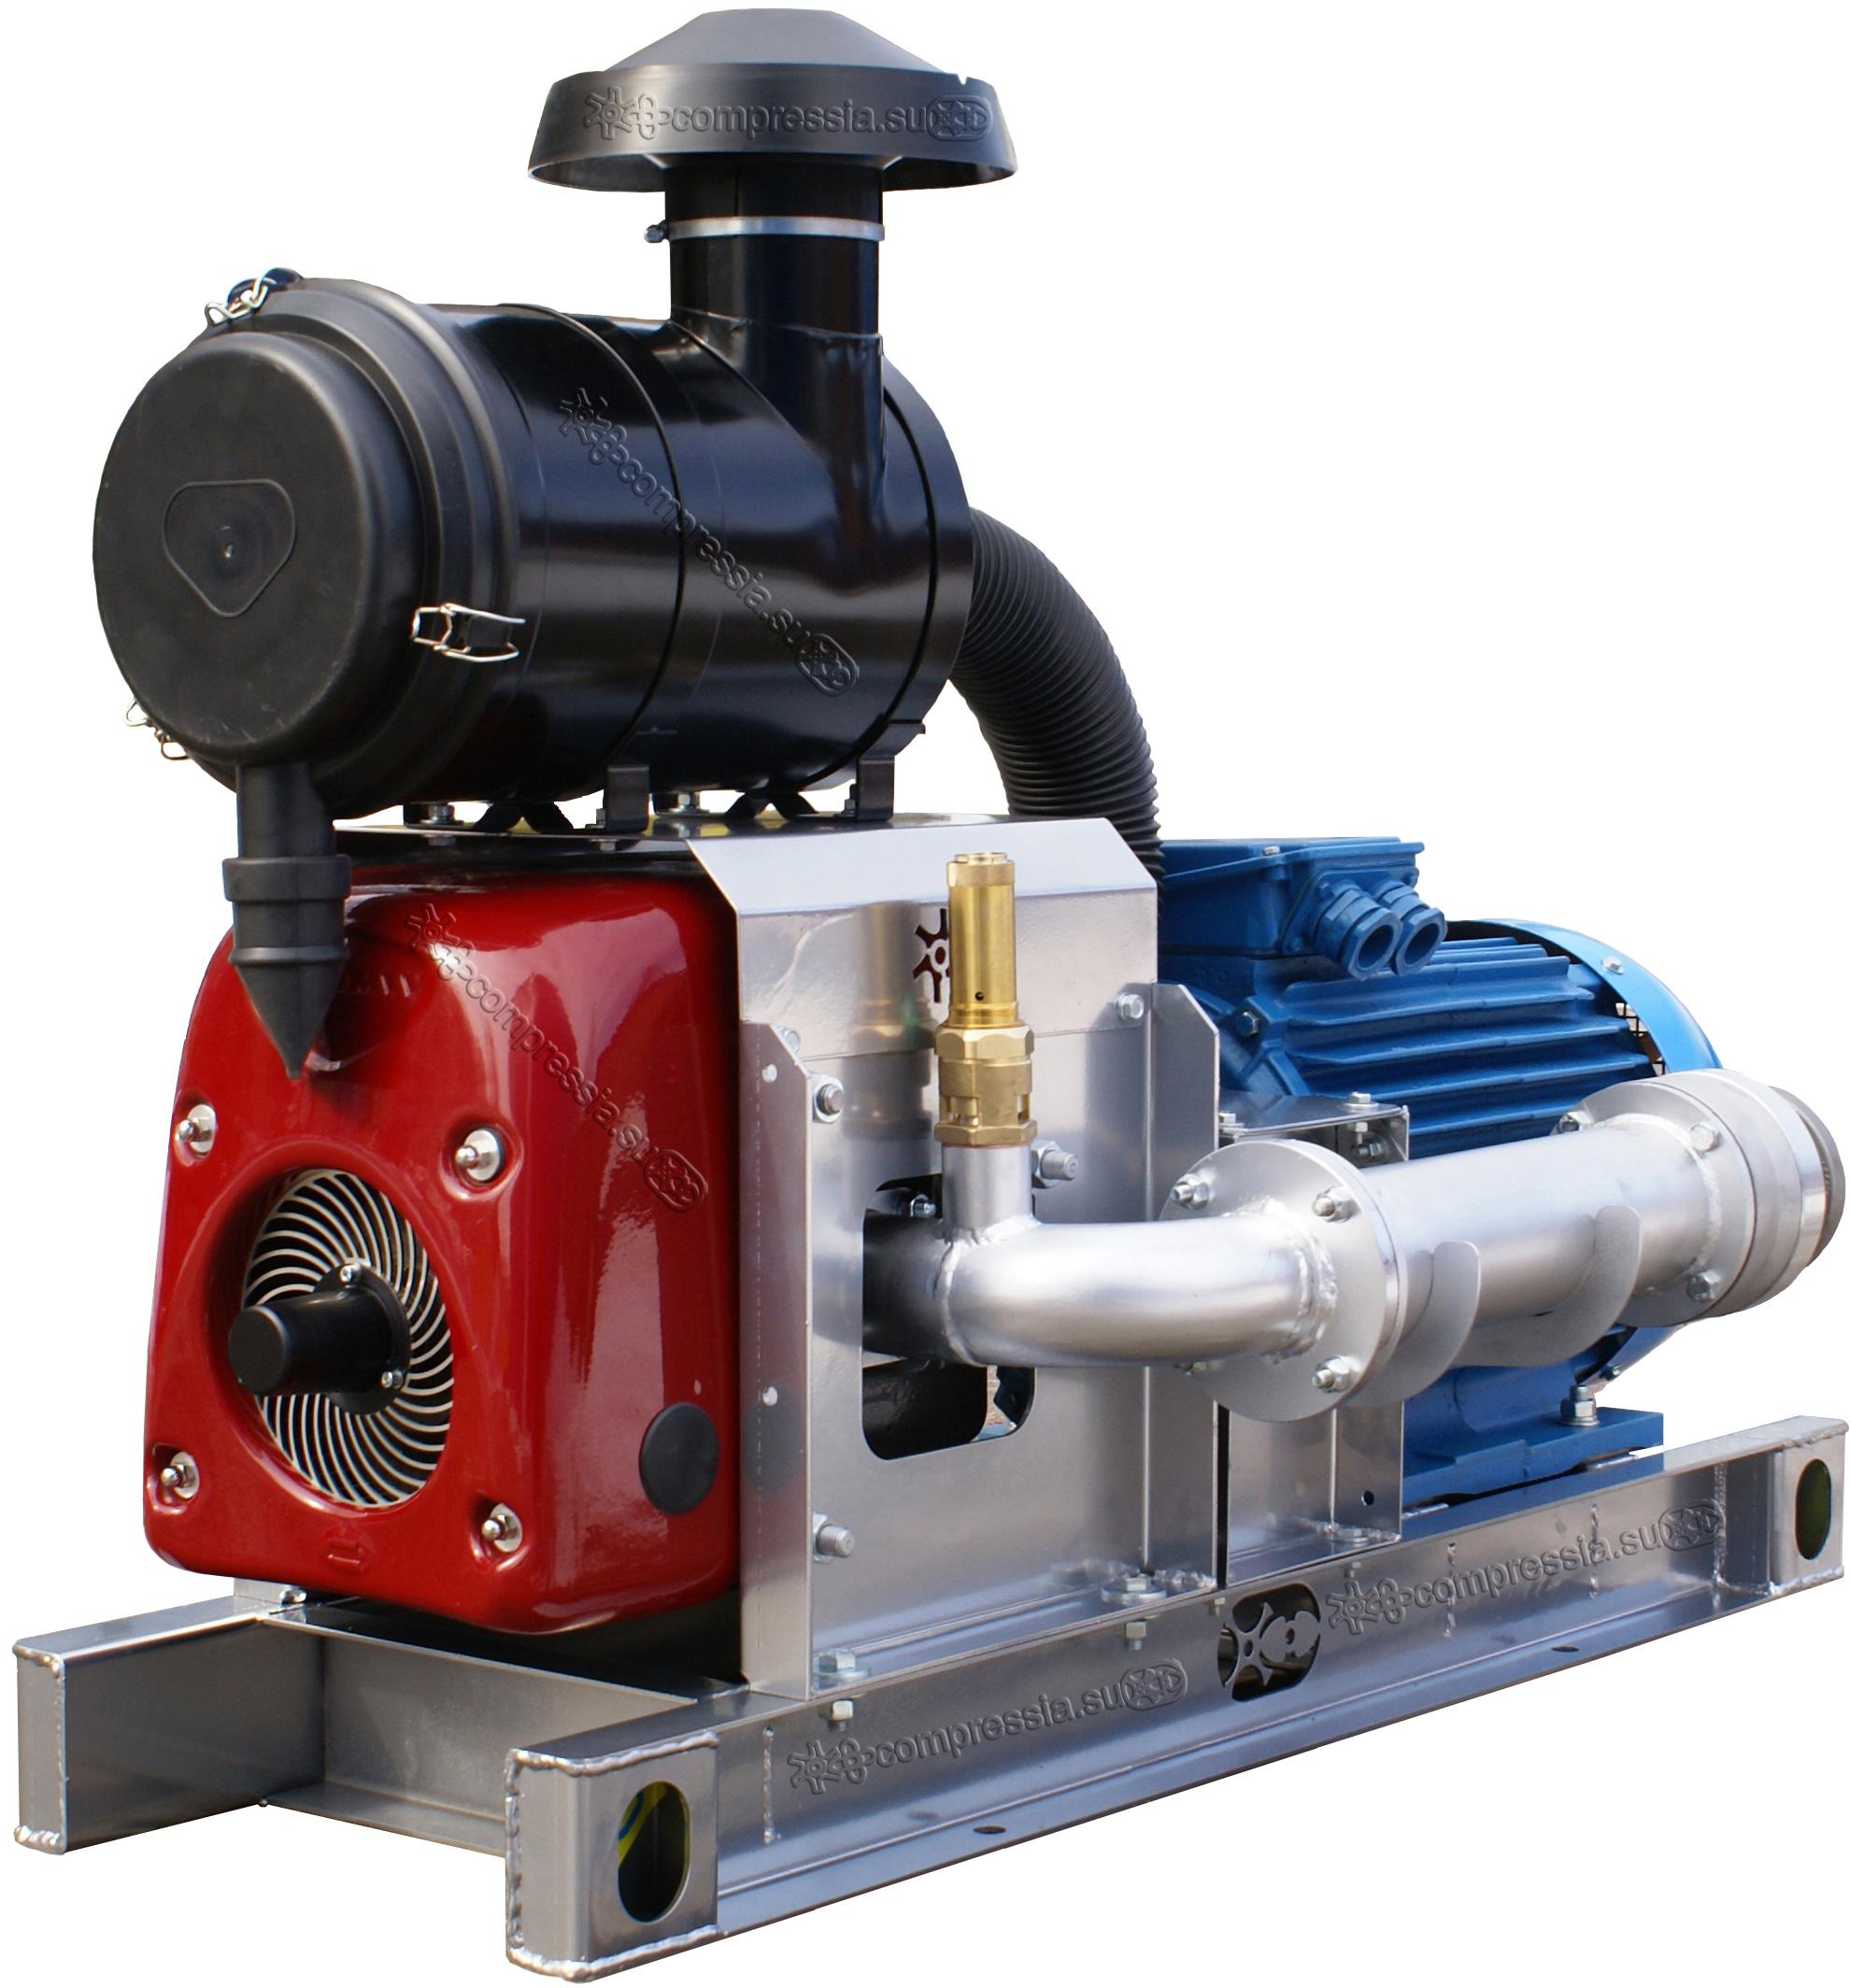 Компрессорный агрегат XK-12 с электроприводом 30 кВт